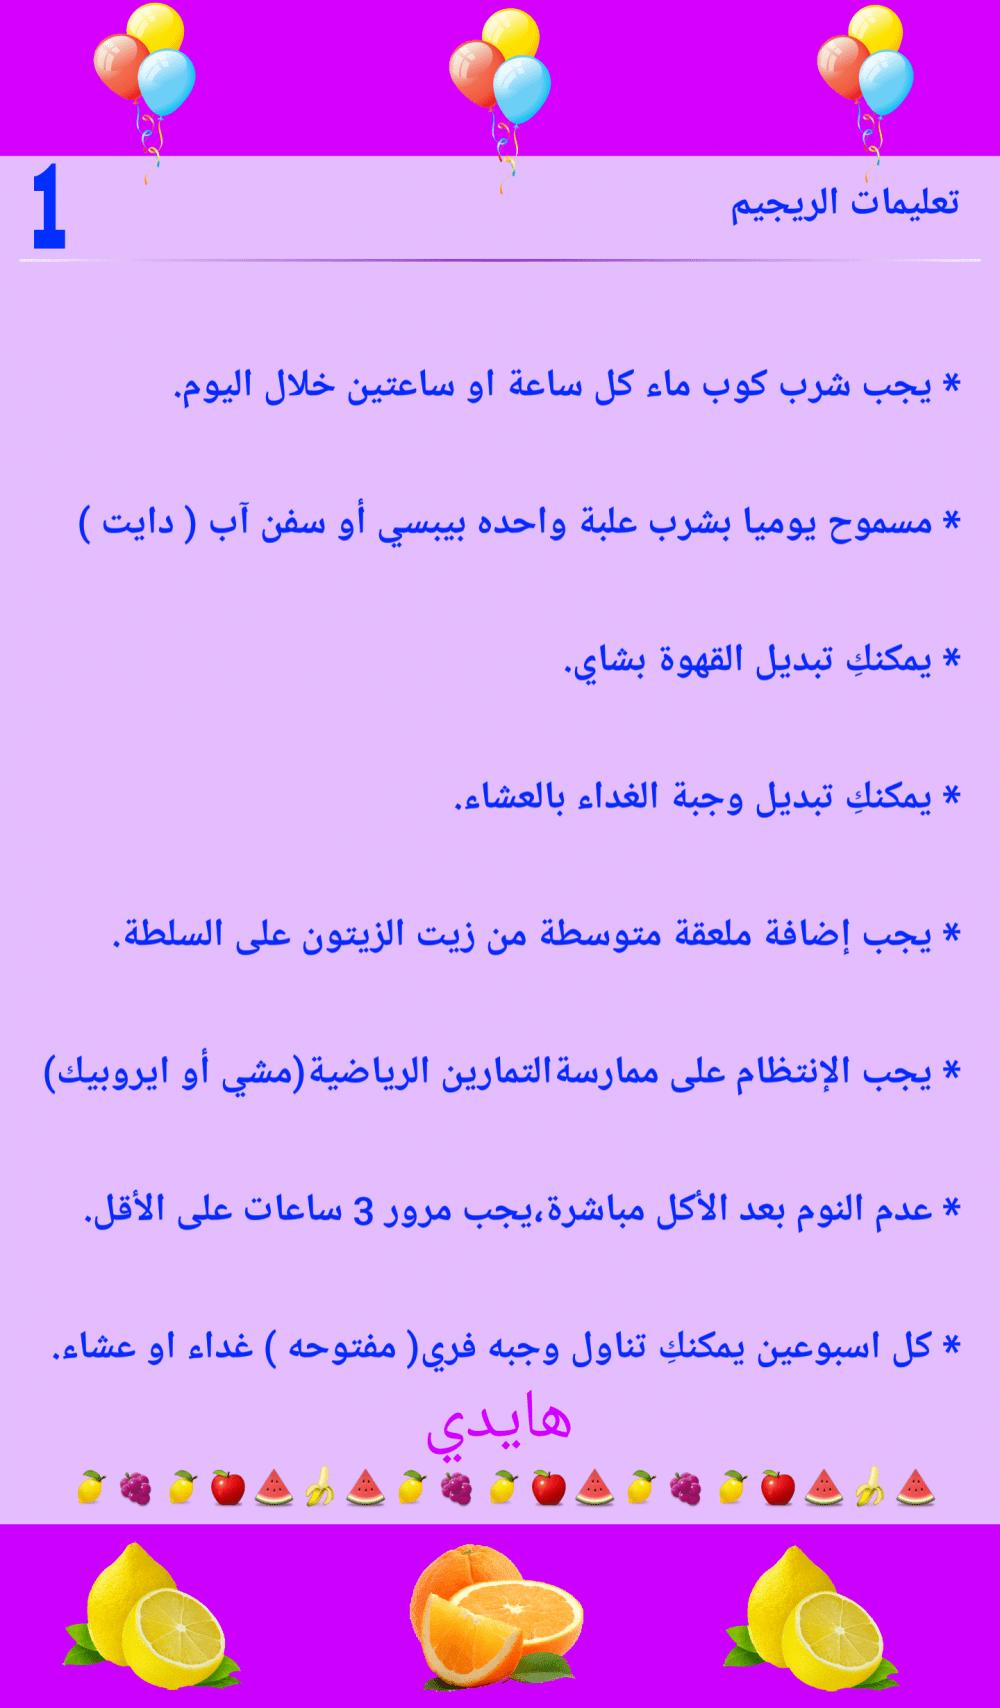 ليدز مستنقع رسول رجيم صحي لتخفيف الوزن للنساء Assuranceanimaux Biz